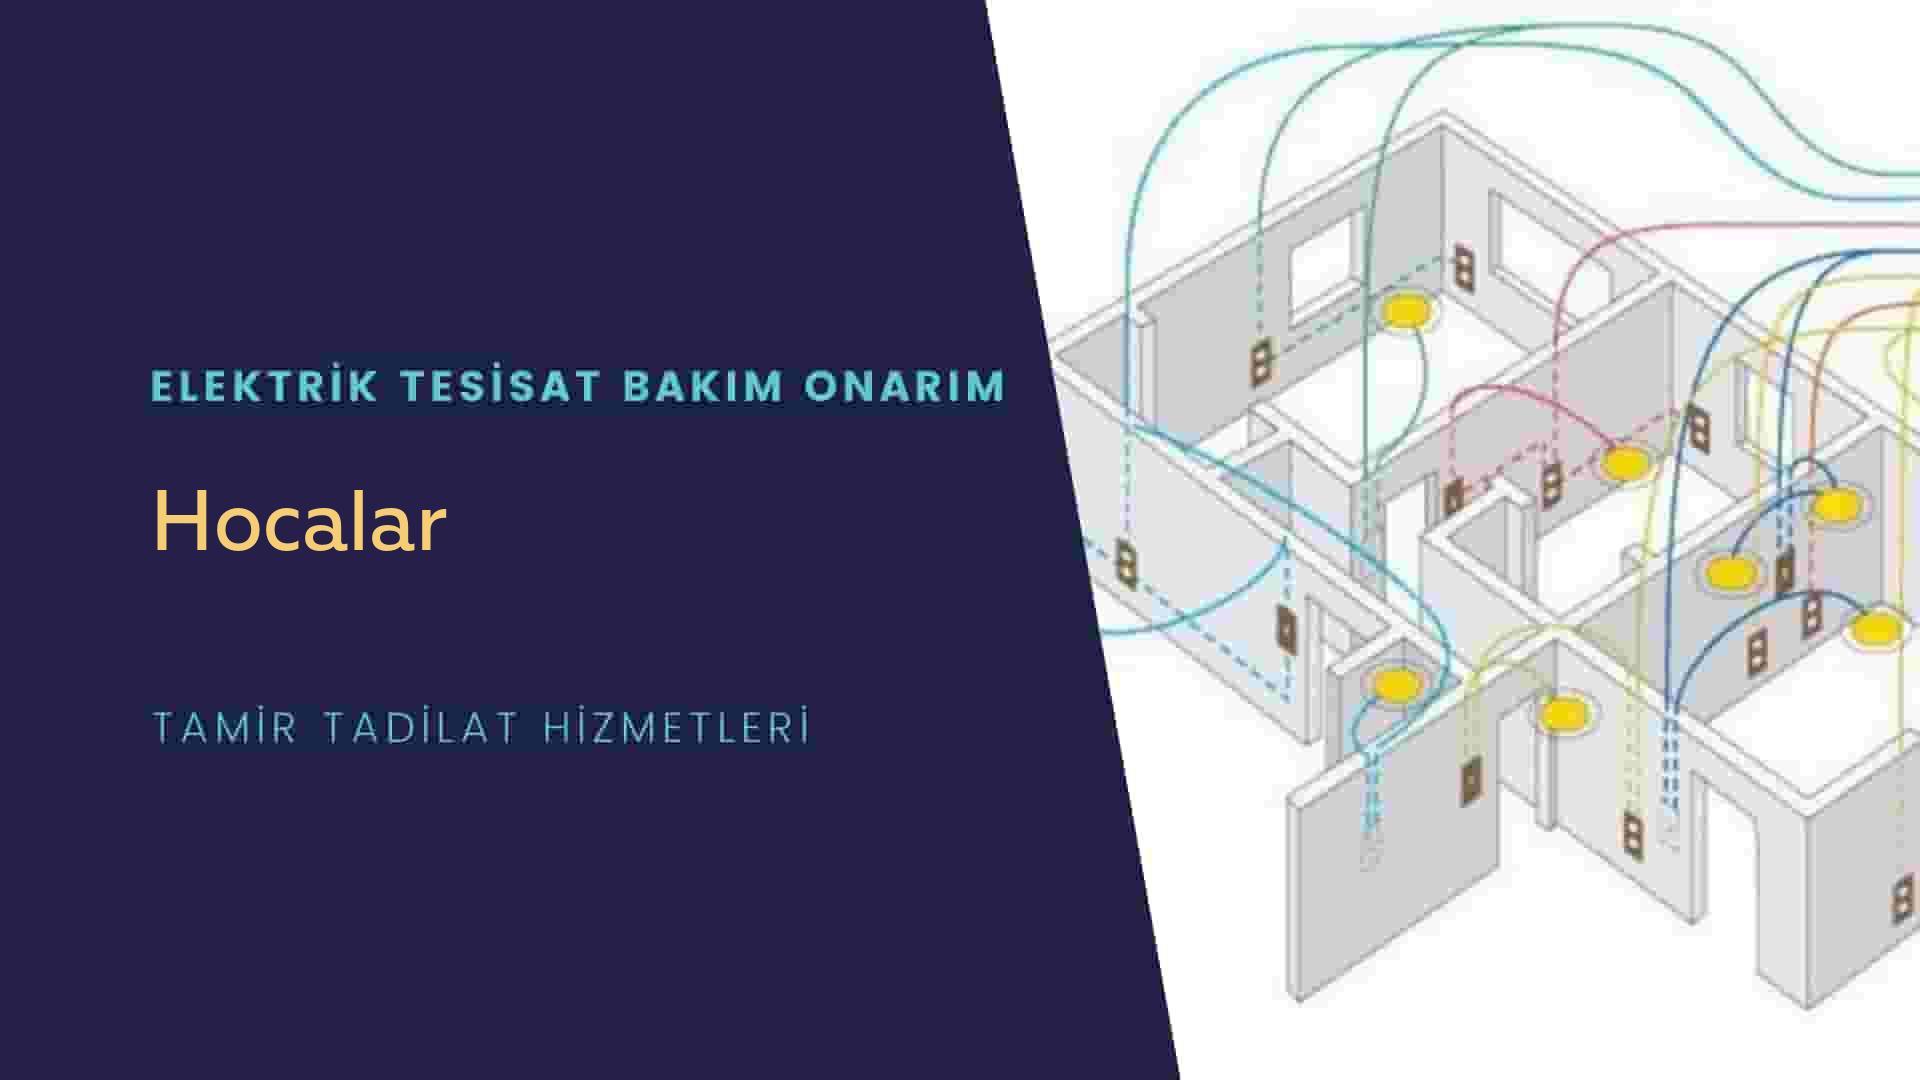 Hocalar'da elektrik tesisatıustalarımı arıyorsunuz doğru adrestenizi Hocalar elektrik tesisatı ustalarımız 7/24 sizlere hizmet vermekten mutluluk duyar.